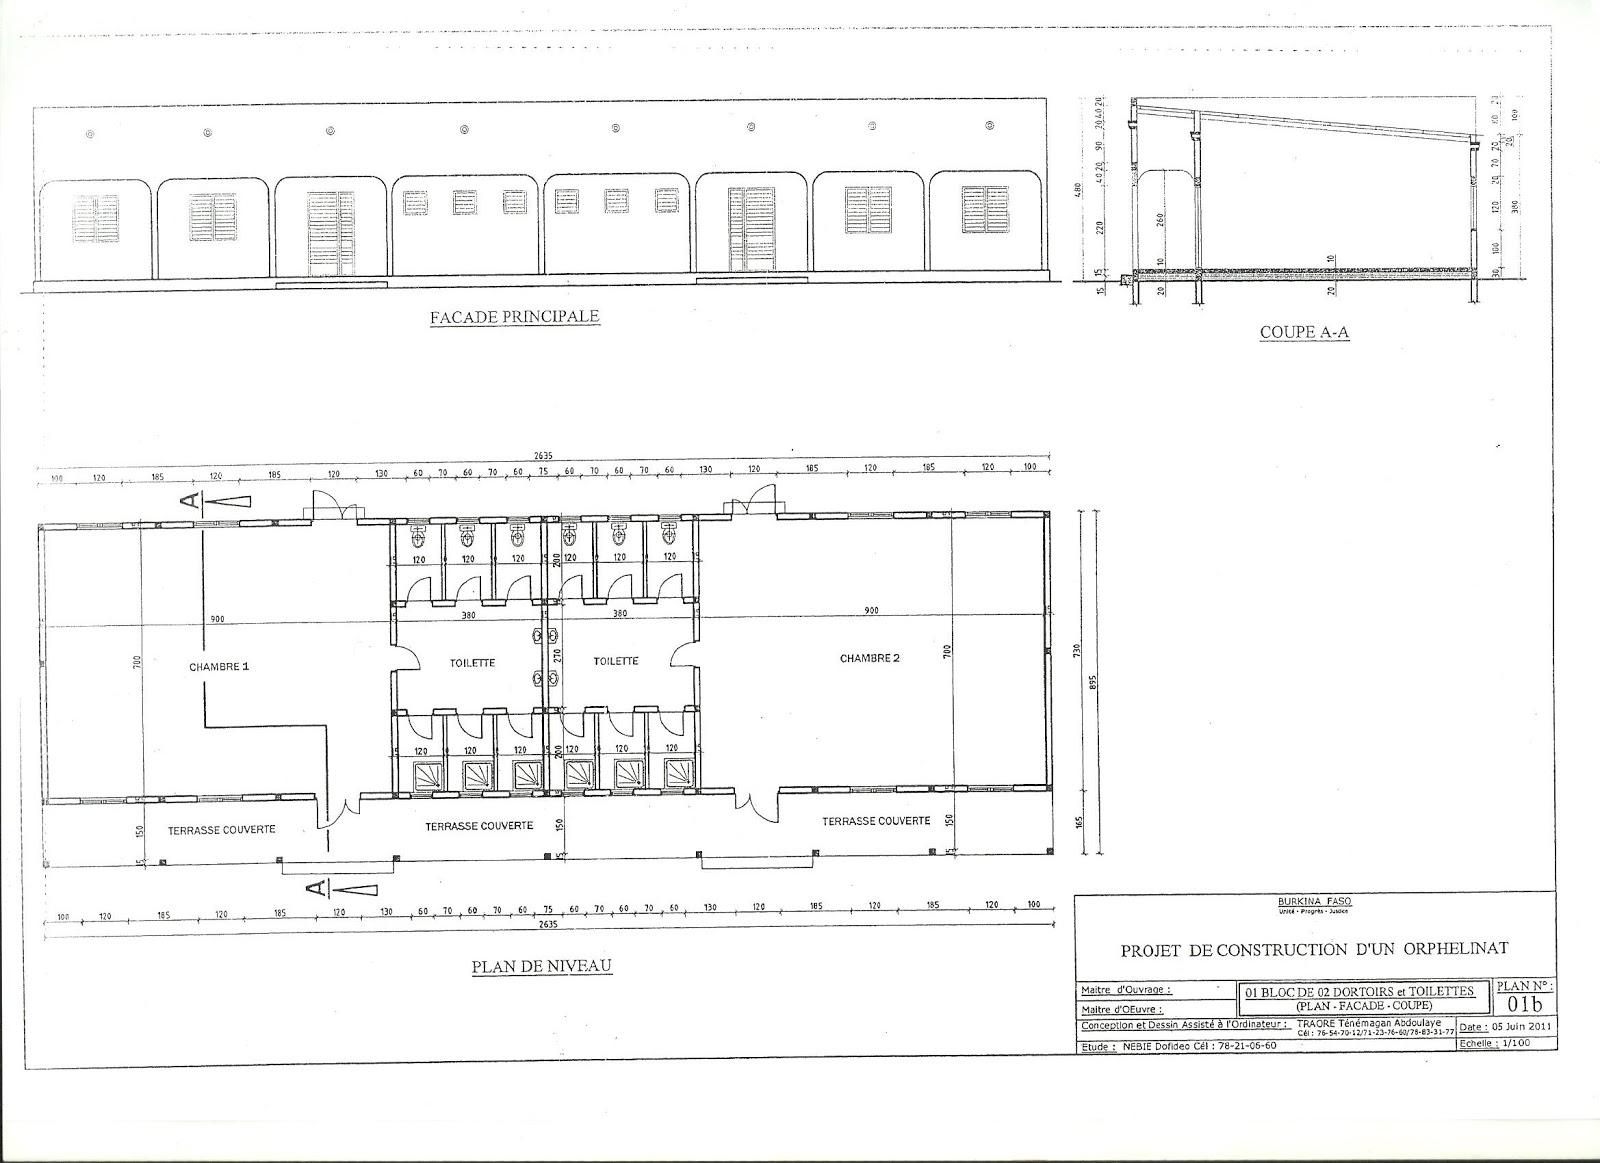 Aboubakar seri le plan de terrain de l 39 orphelinat en for Plan terrain